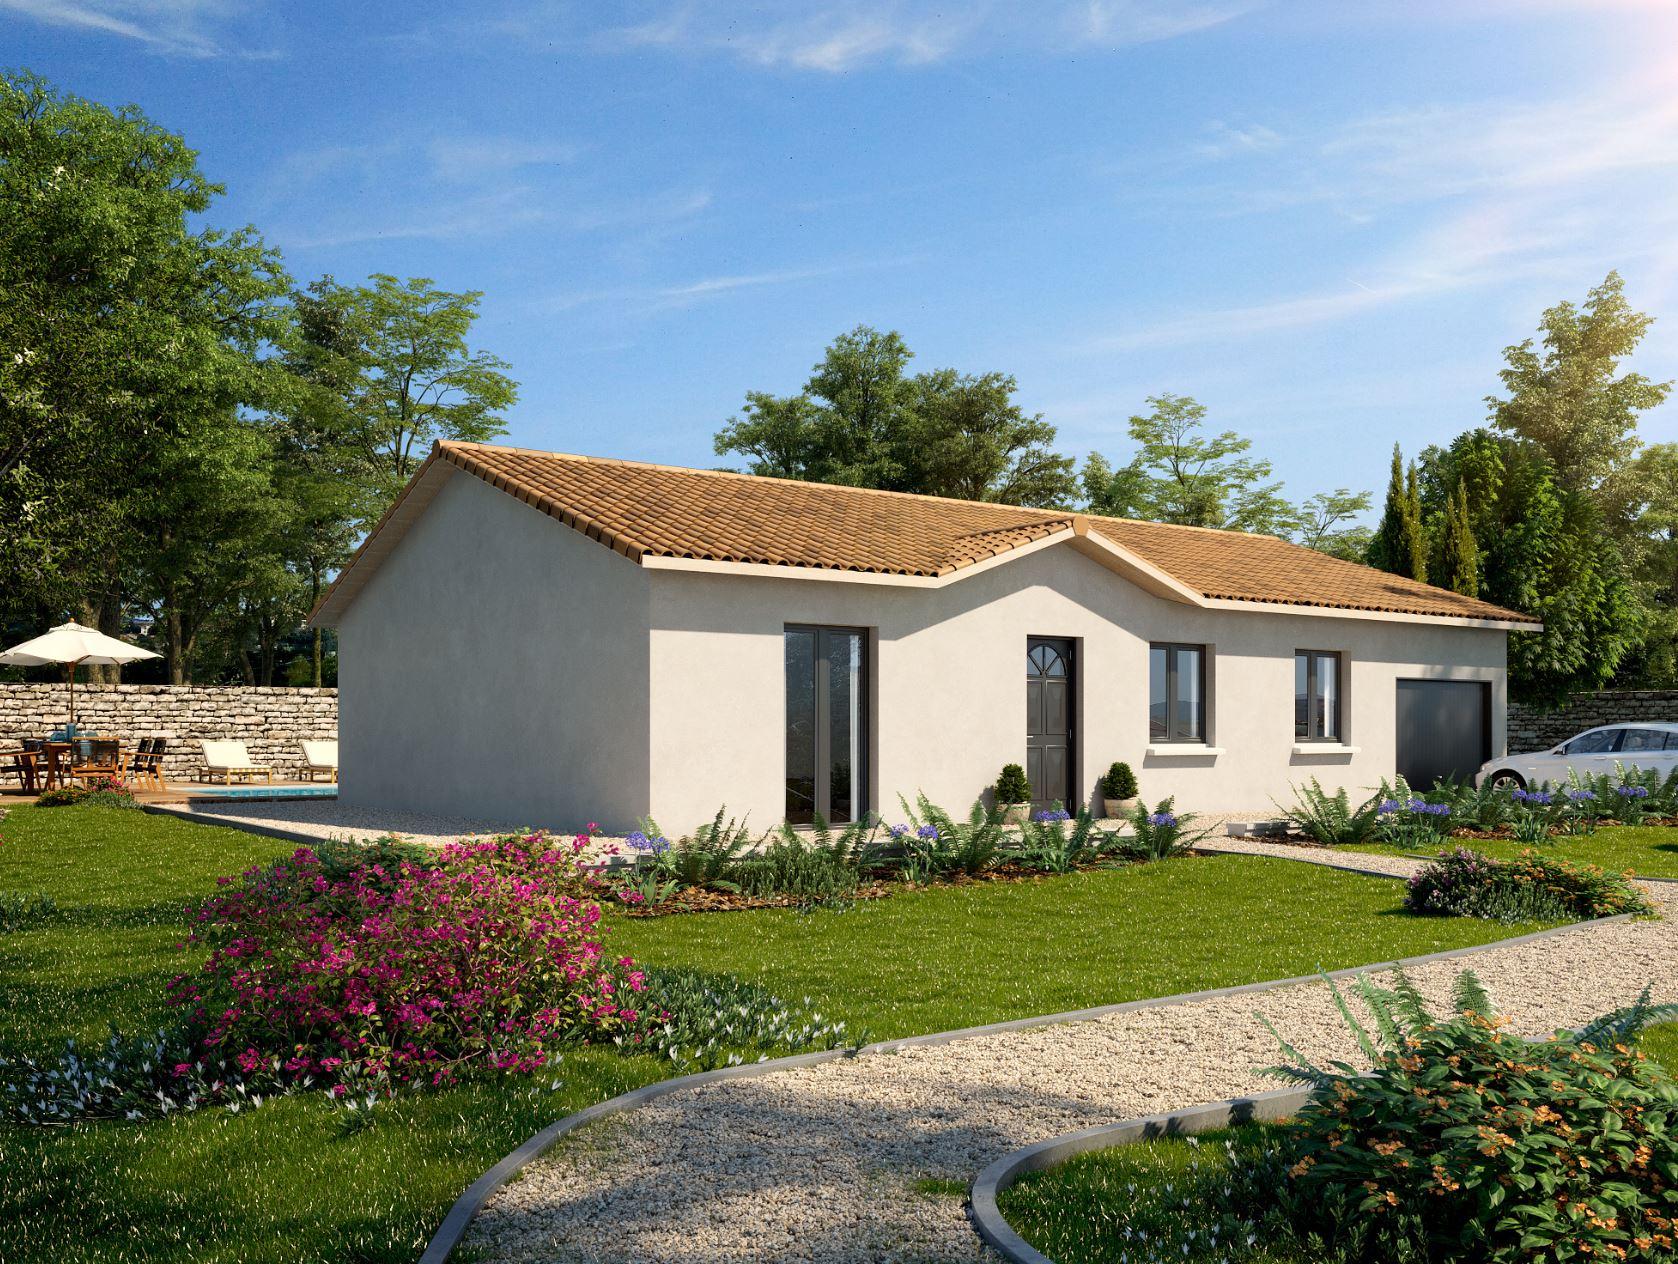 Maisons + Terrains du constructeur MAISONS PUNCH • 91 m² • SAINT MARTIN EN BRESSE